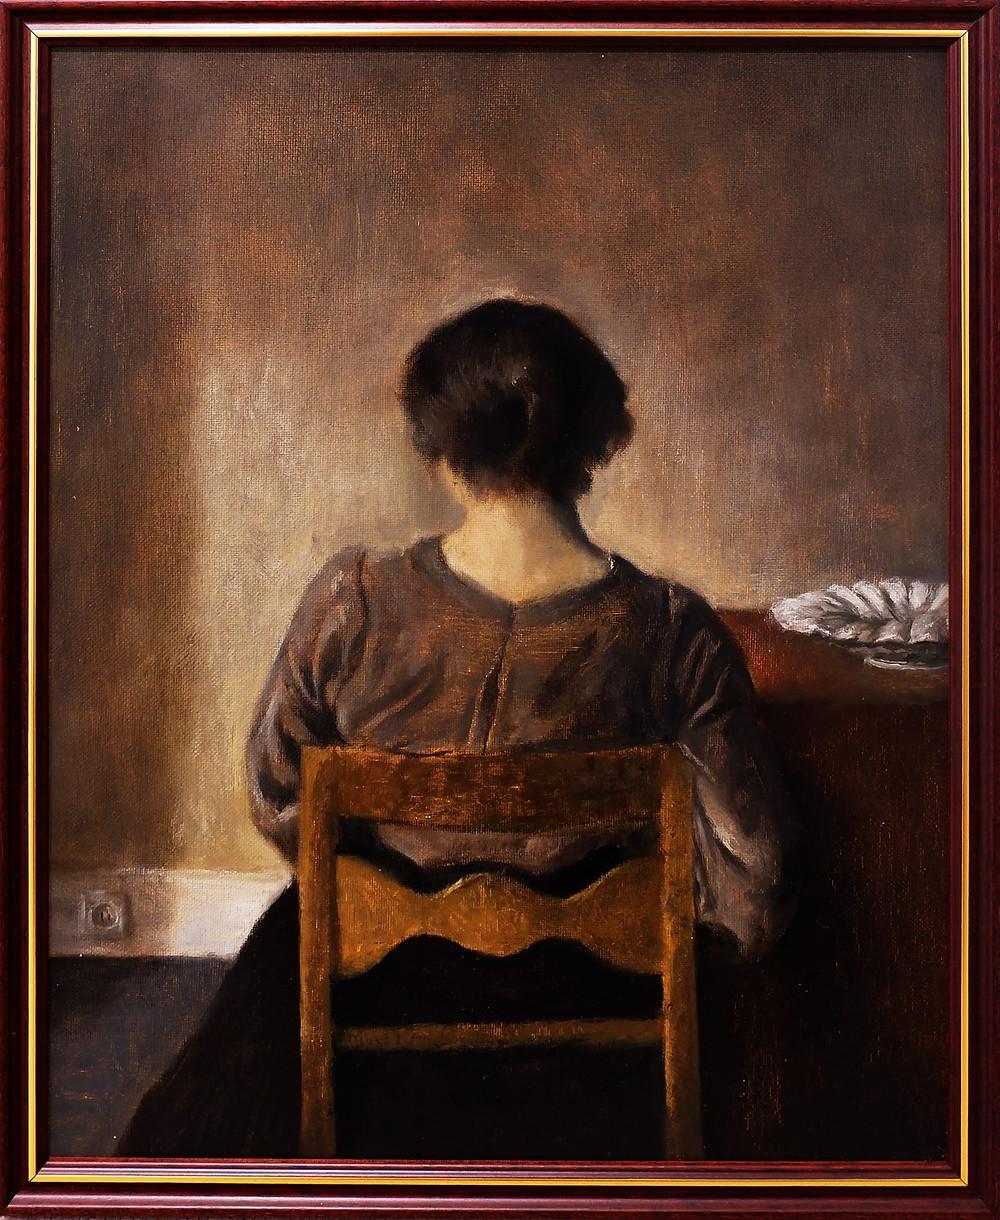 STIKKONTAKT I HVILE – SOCKET AT REST (AFTER VILHELM HAMMERSØI, 1905) OIL ON CANVAS BOARD 43.5x35.5cm  2020, framed  PRICE: 190€ +IVA